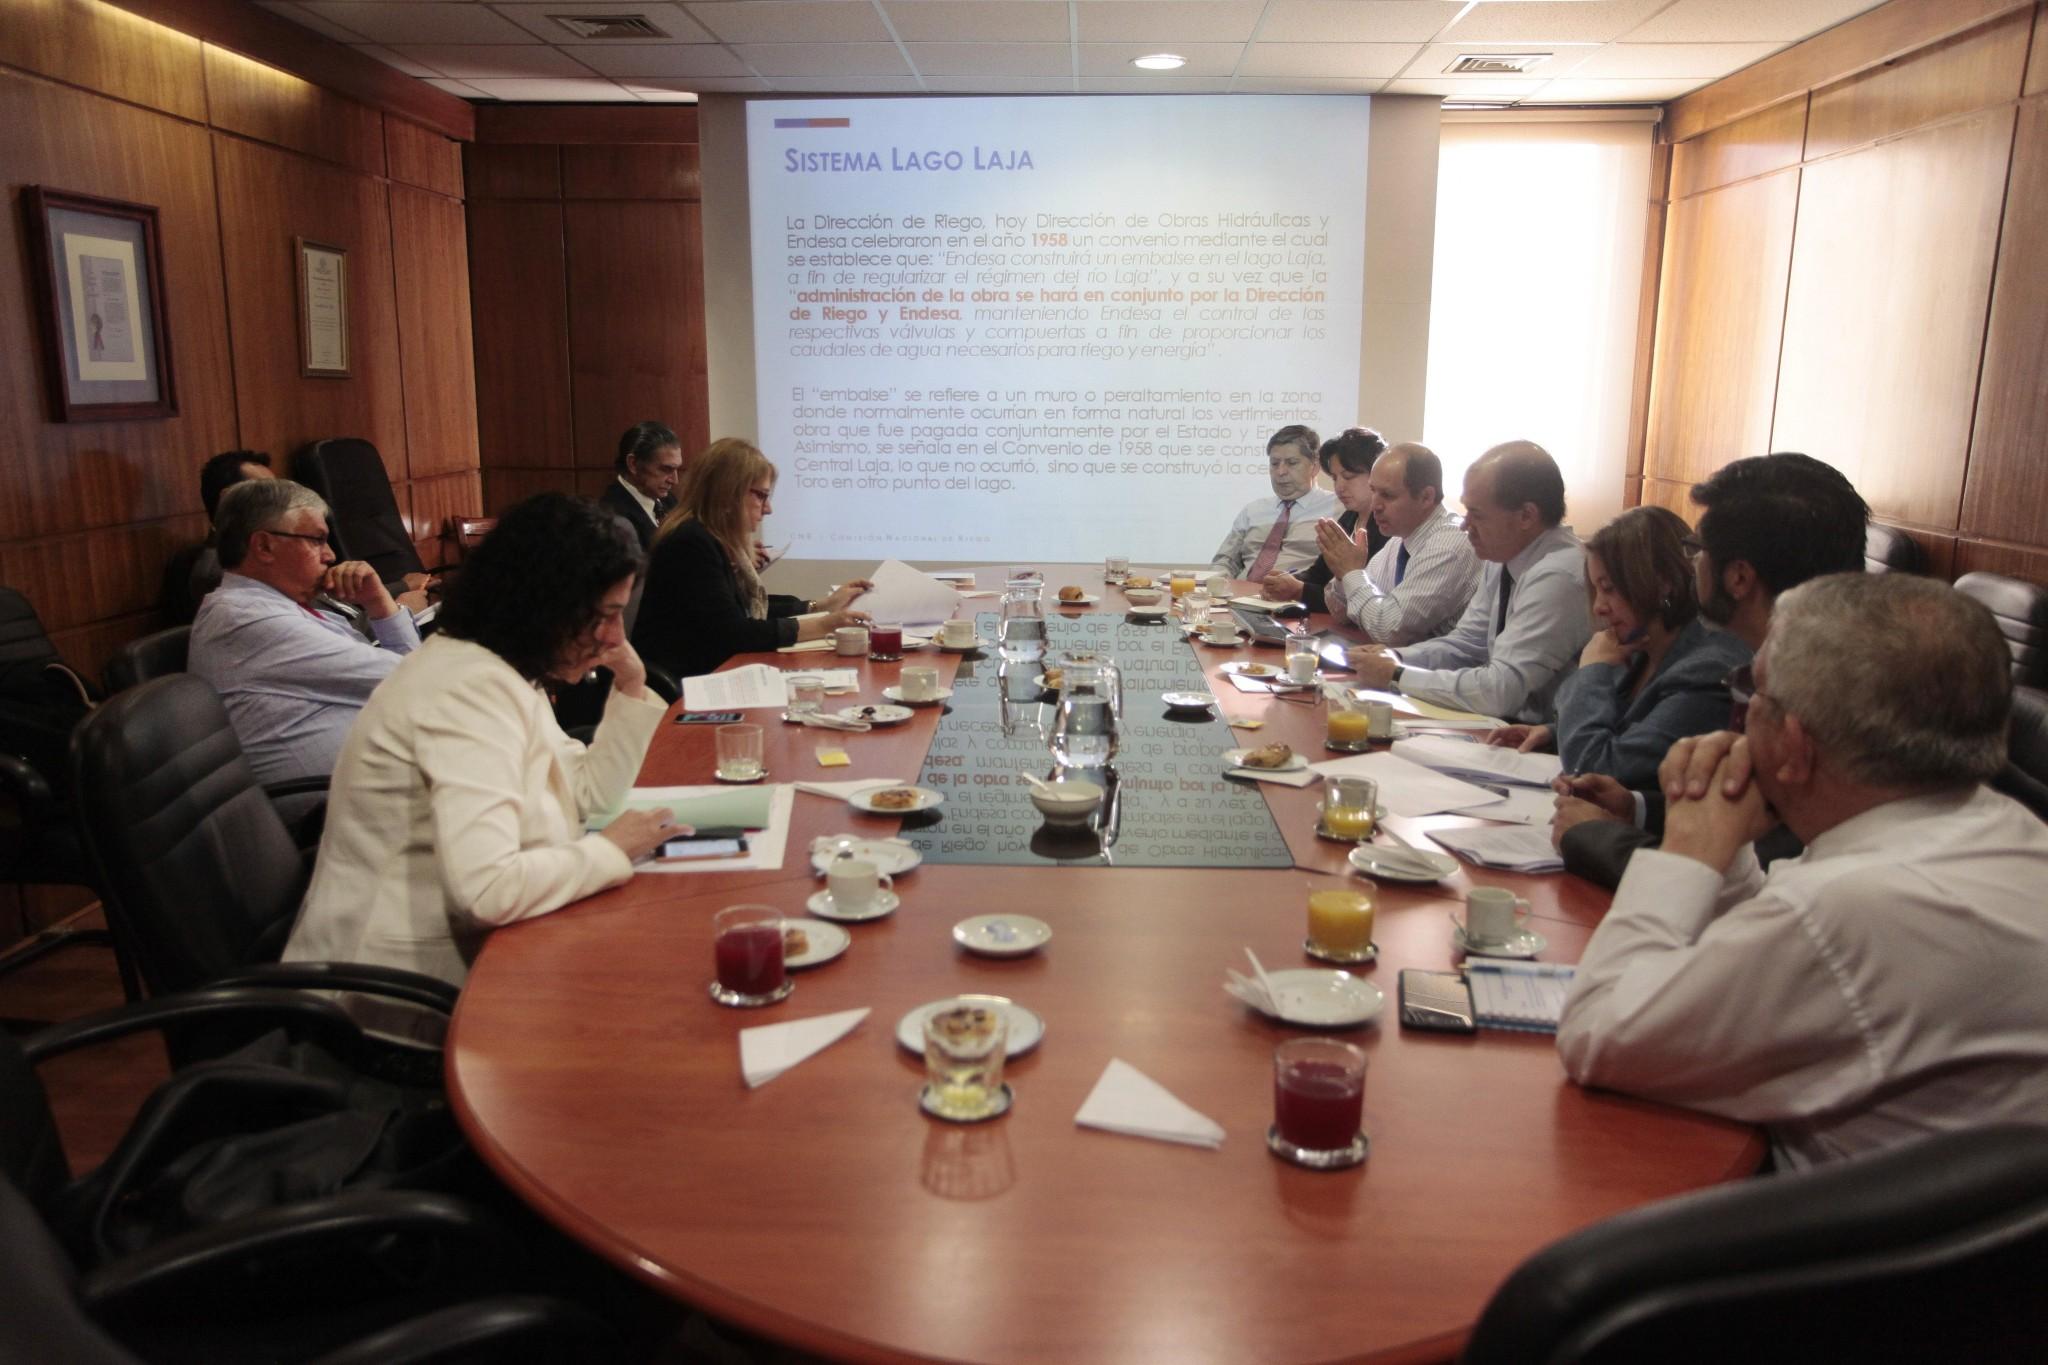 Consejo de Ministros de CNR ratificó convenio para uso eficiente de aguas del Lago Laja